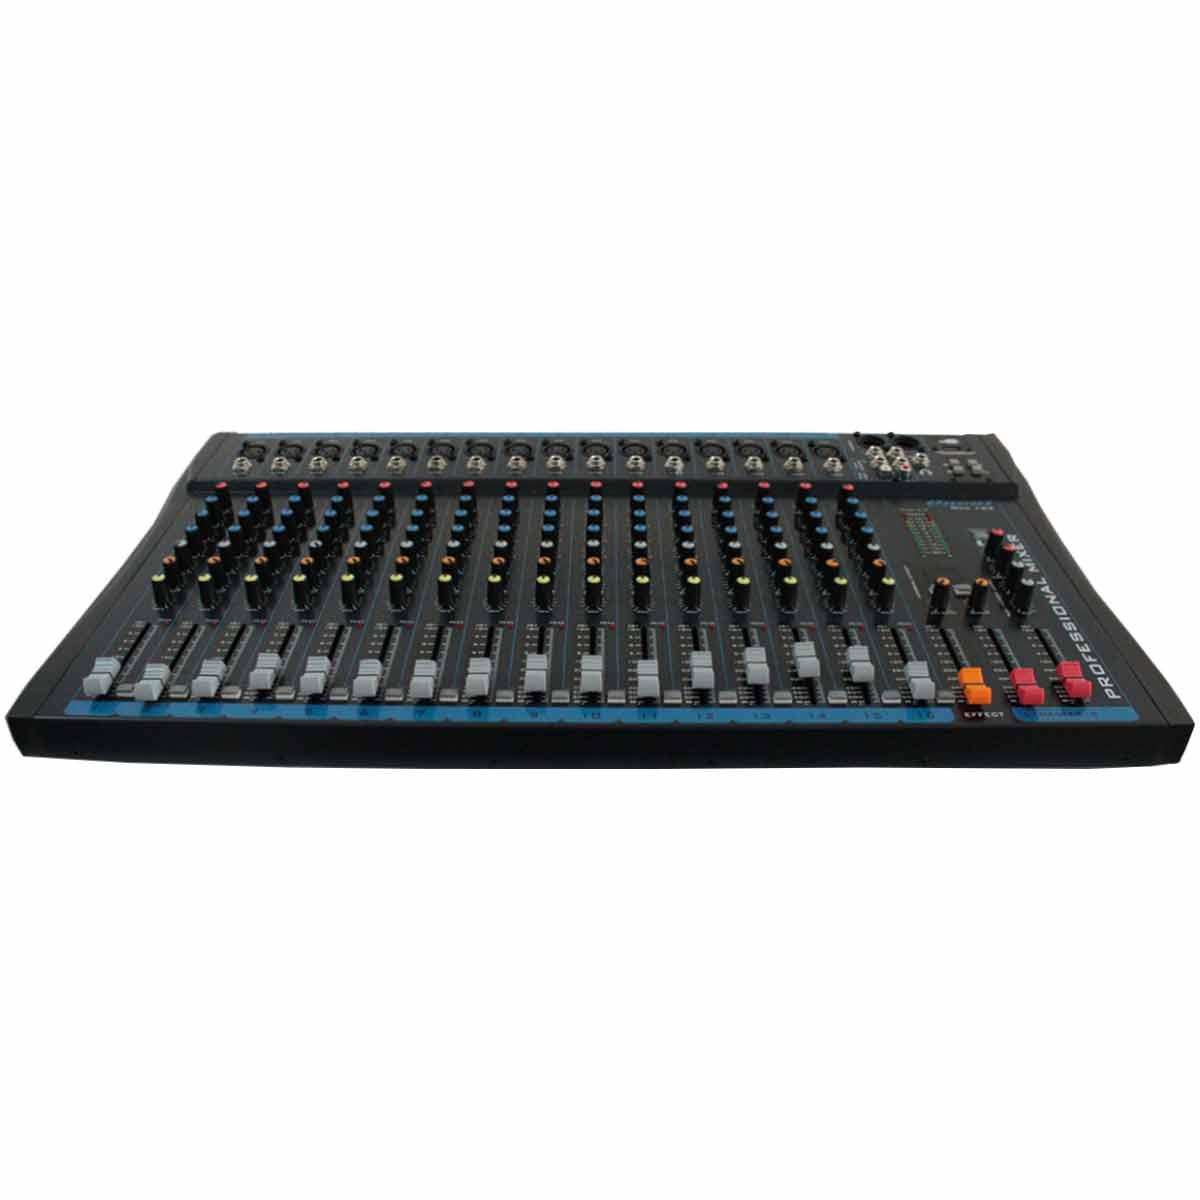 Mesa de Som 16 Canais XLR Balanceados c/ USB / Efeito / Phantom / 1 Auxiliar - OMX 162 Oneal